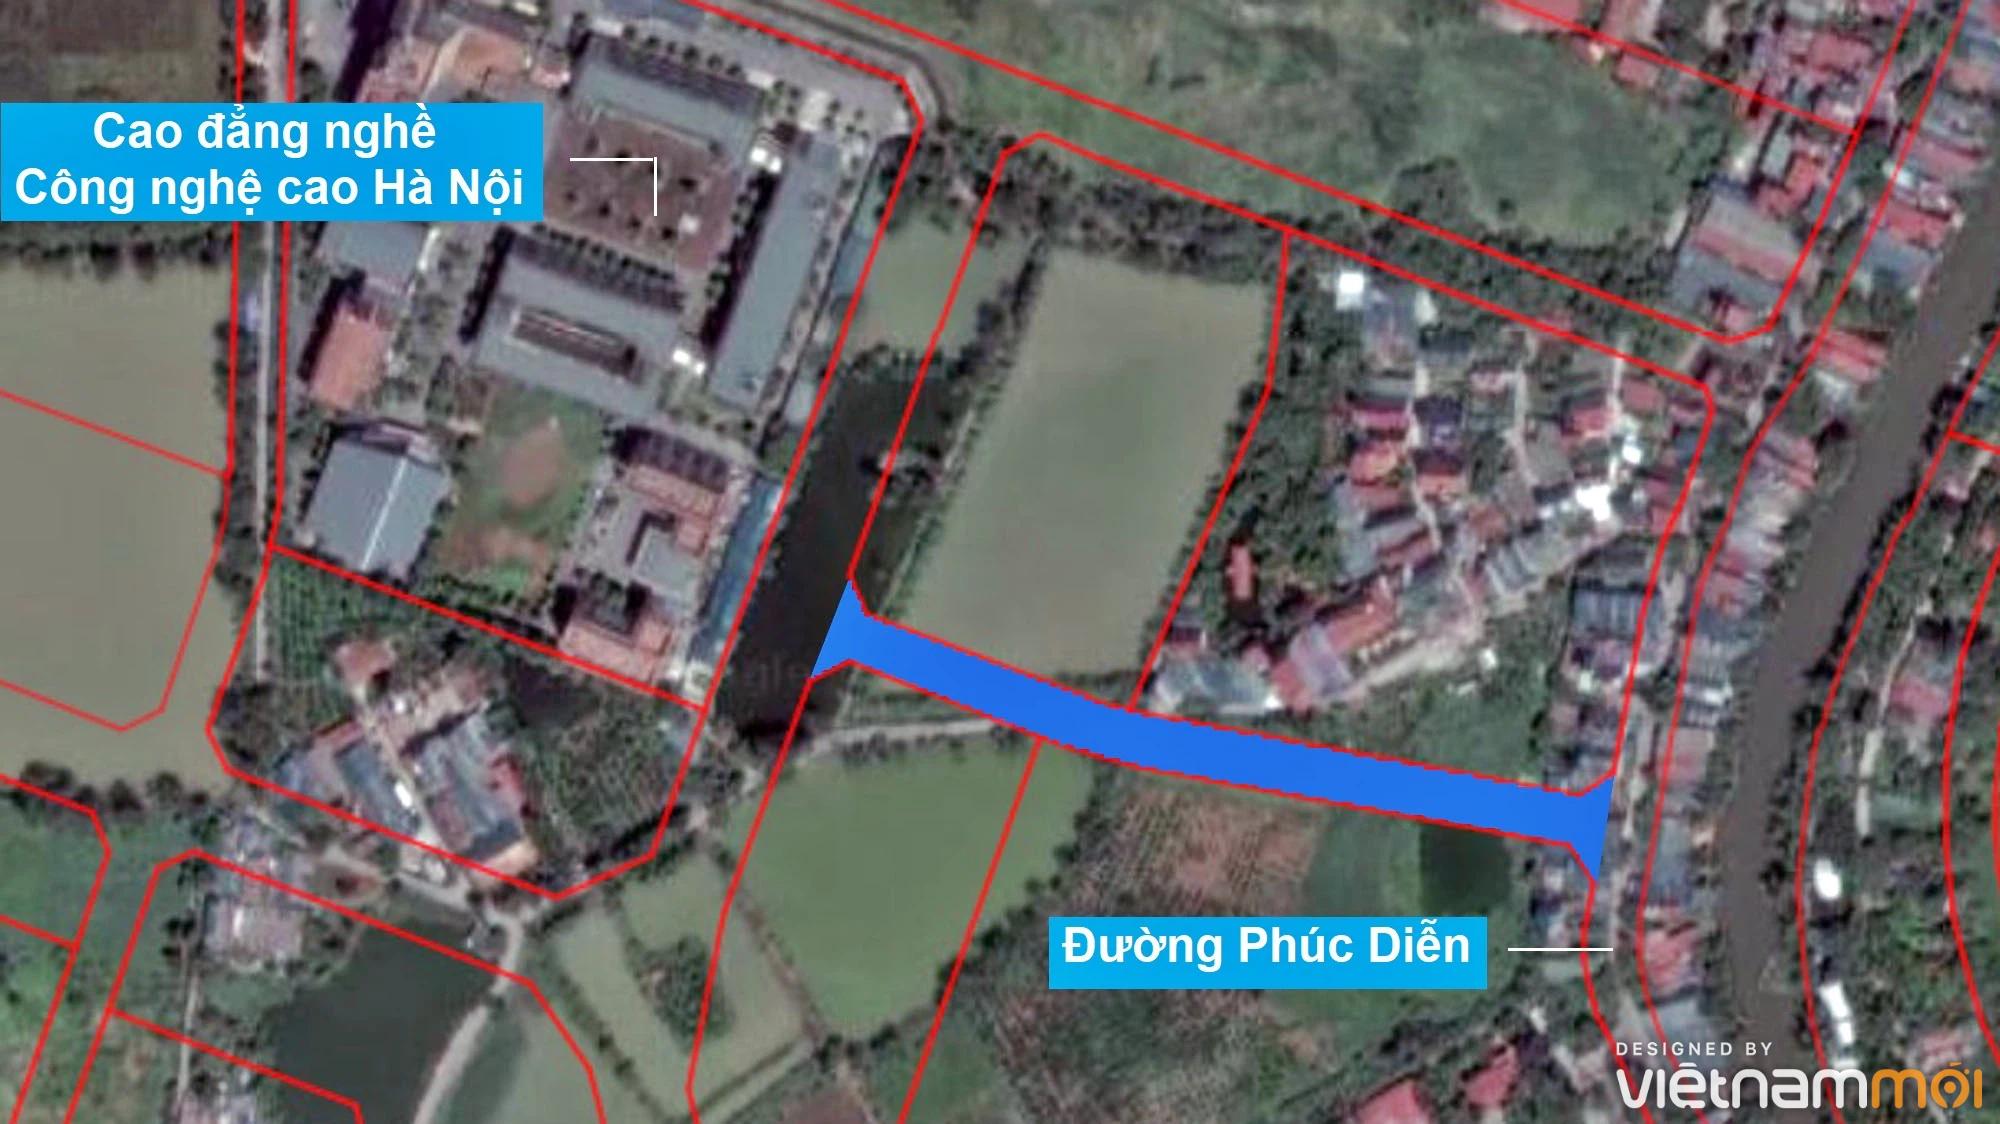 Những khu đất sắp thu hồi để mở đường ở phường Tây Mỗ, Nam Từ Liêm, Hà Nội (phần 1) - Ảnh 12.